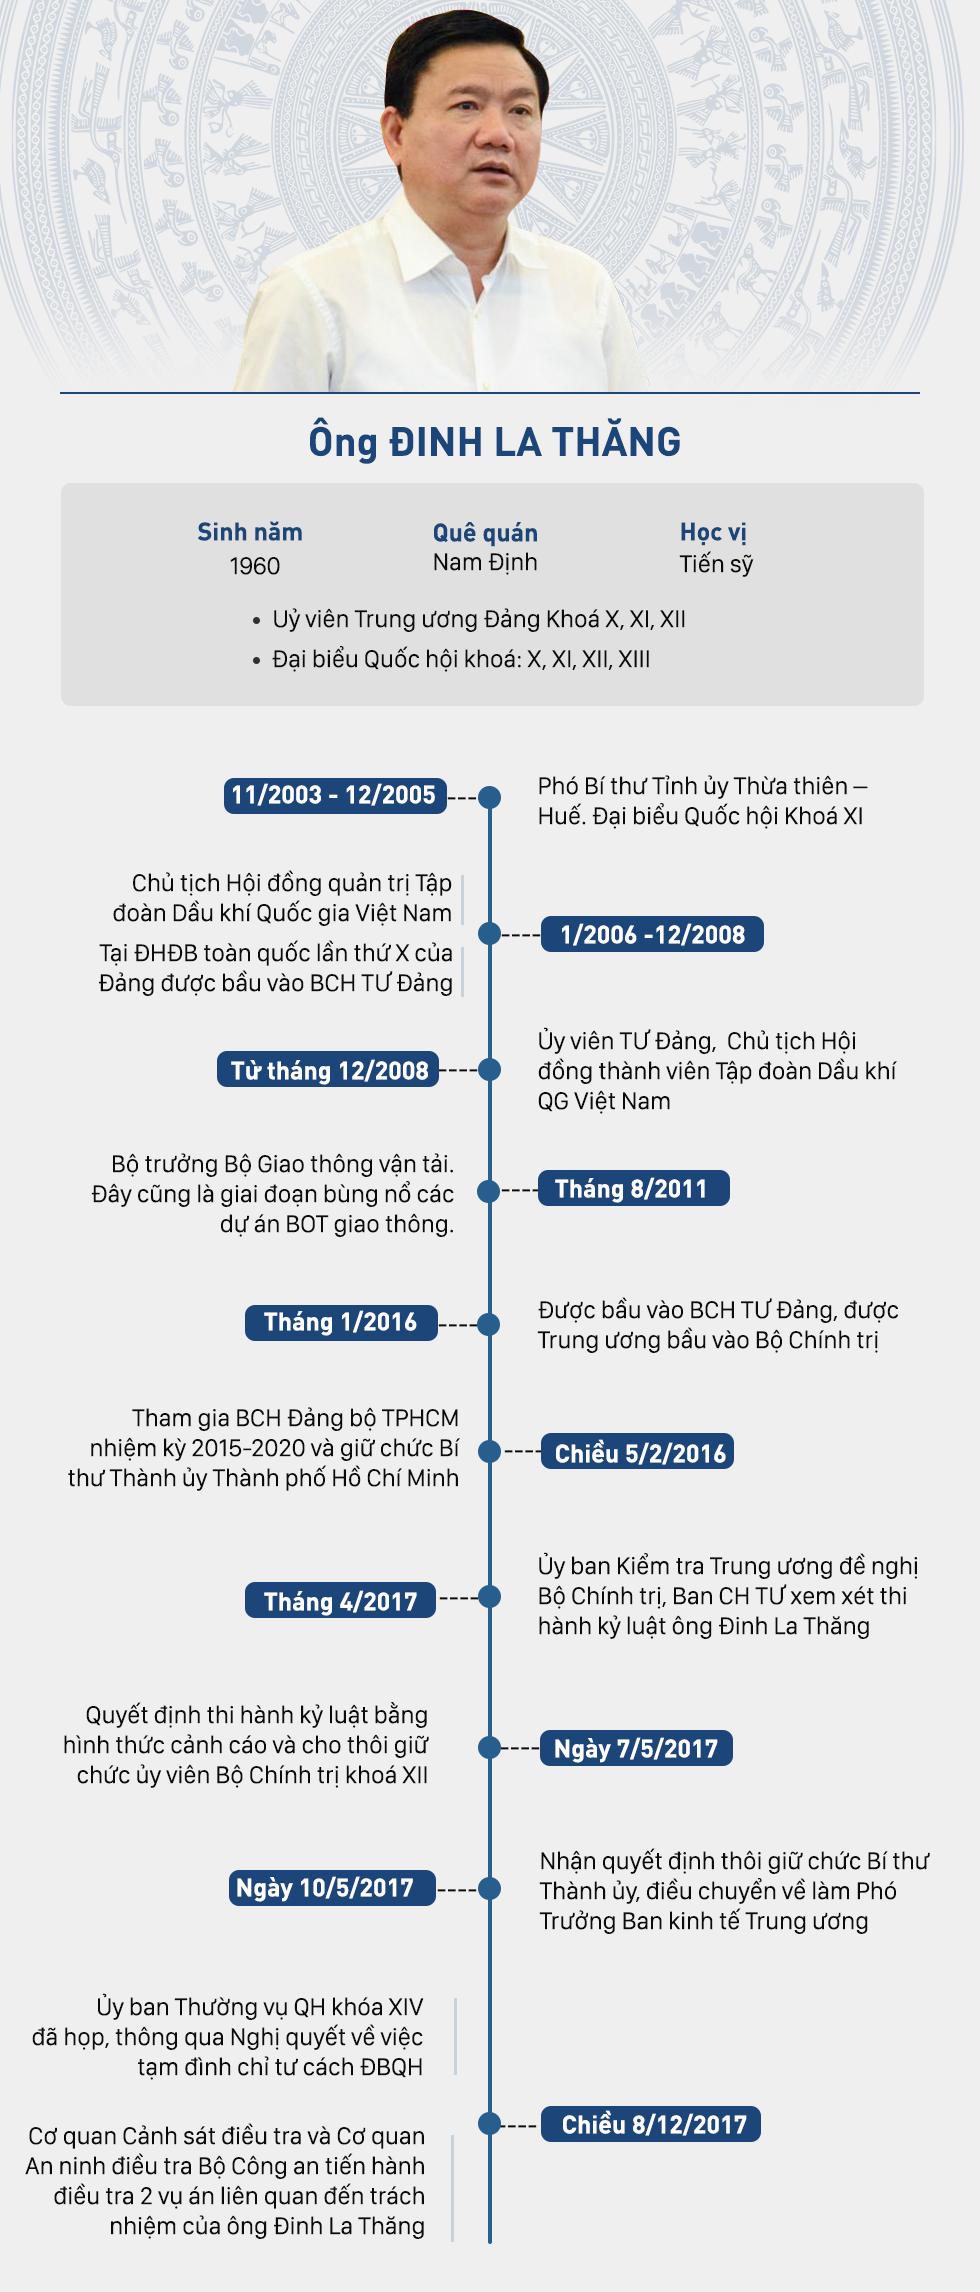 [Infographic] Những chức vụ ông Đinh La Thăng đã trải qua - Ảnh 1.